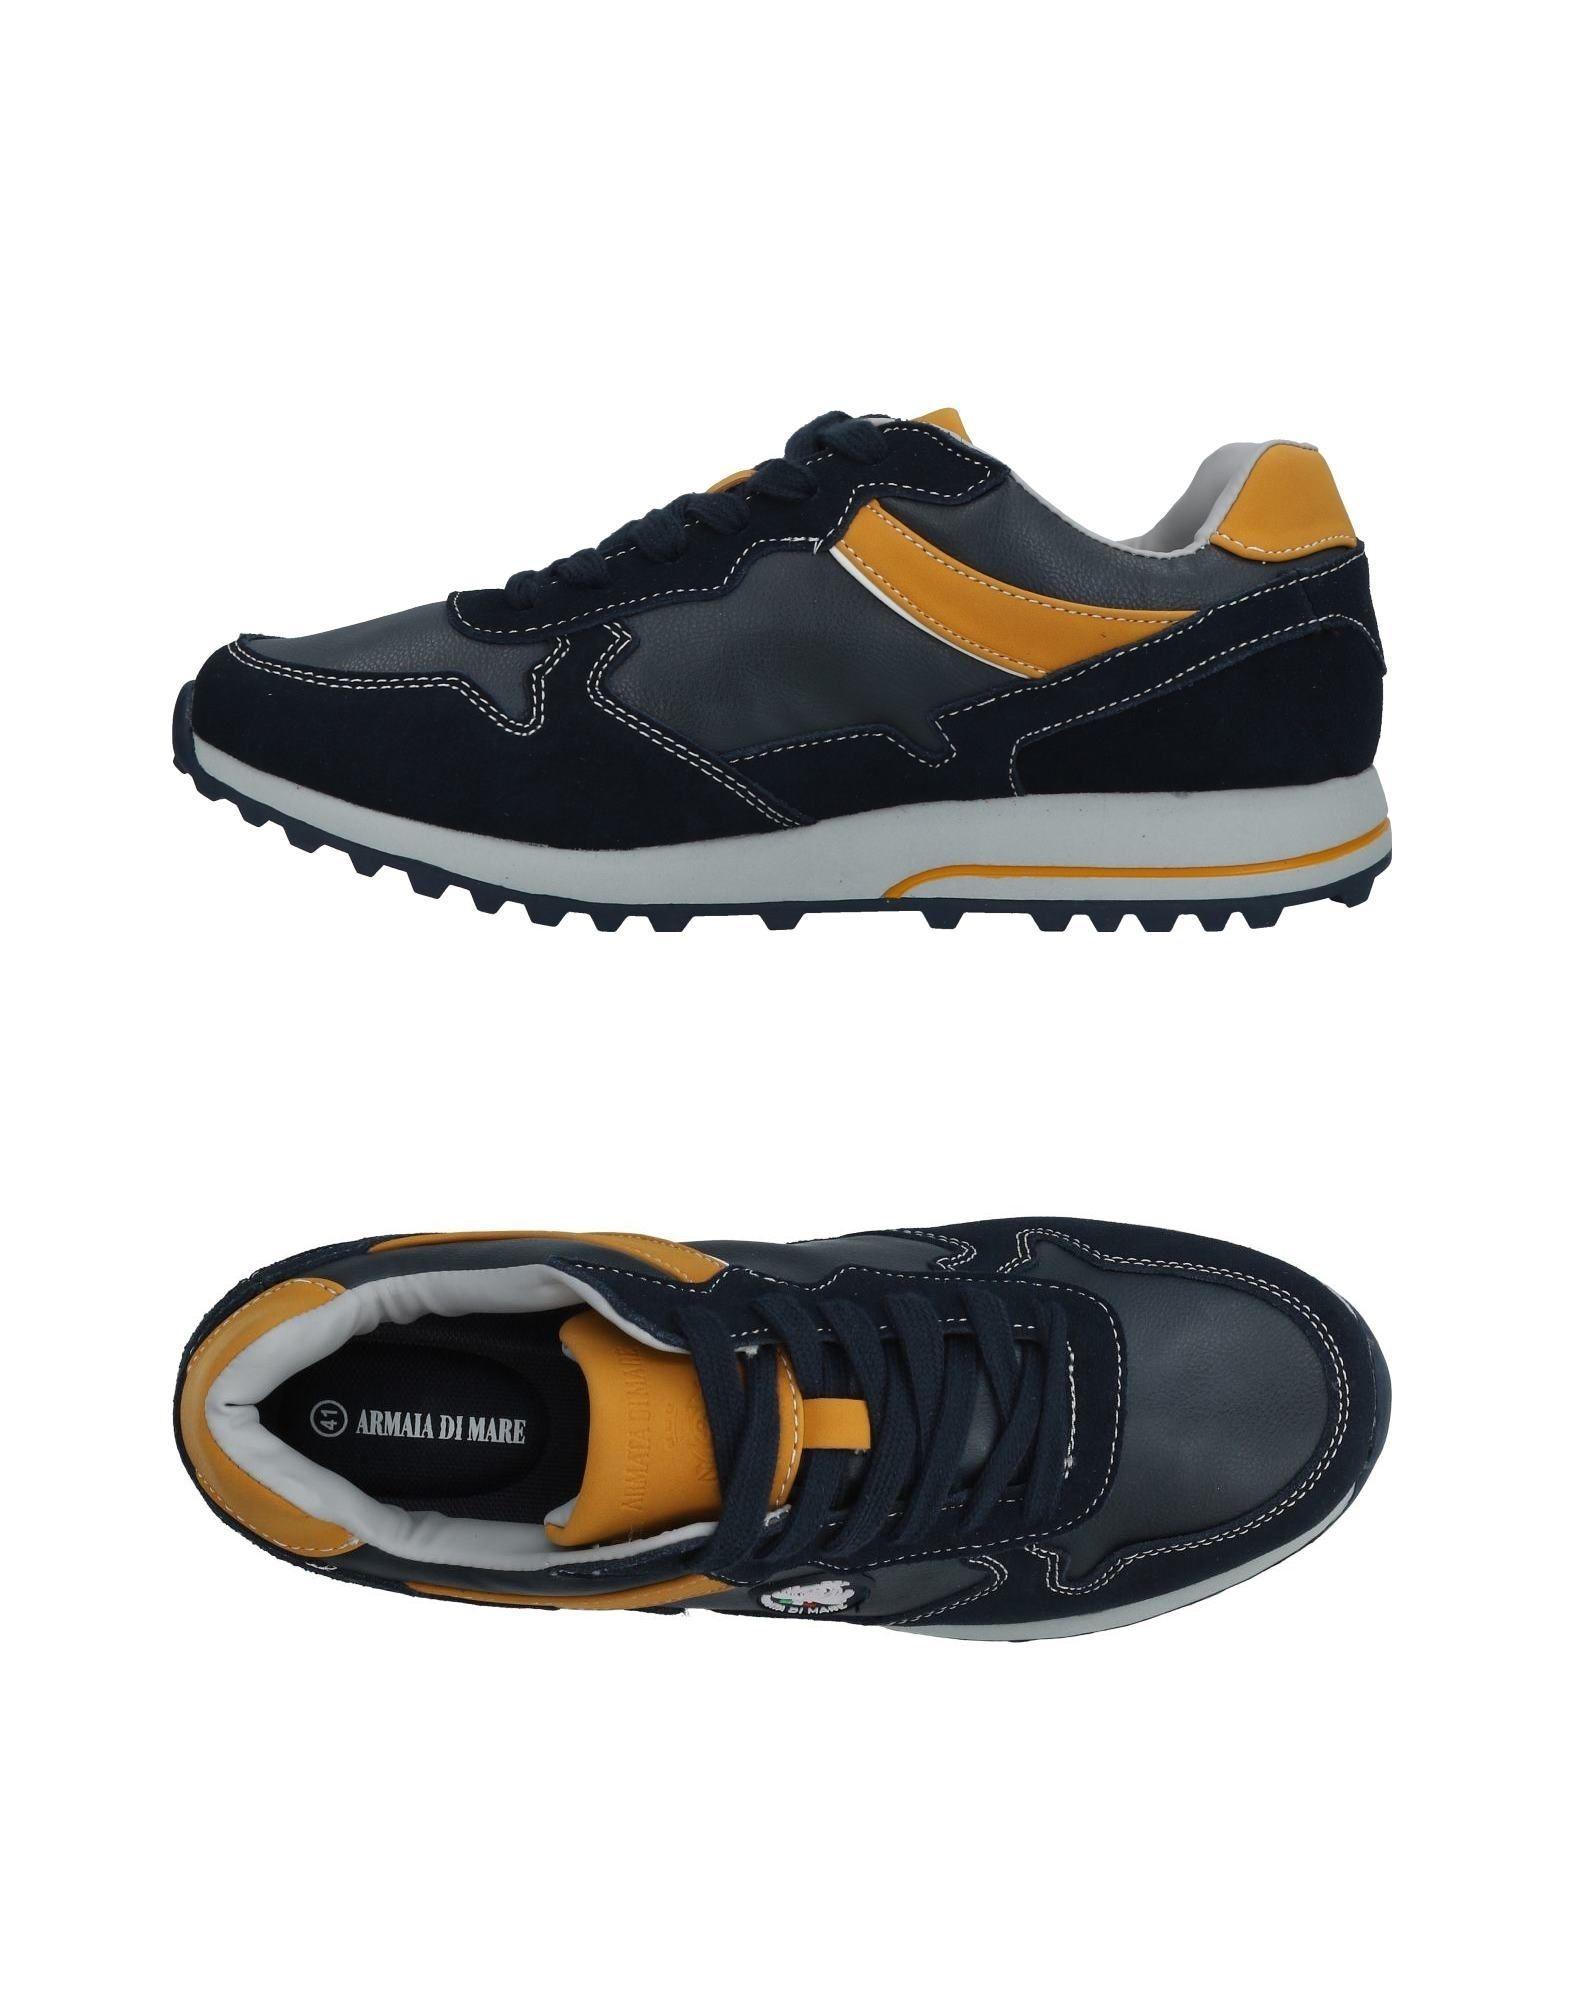 《送料無料》ARMATA DI MARE メンズ スニーカー&テニスシューズ(ローカット) ダークブルー 40 革 / 紡績繊維